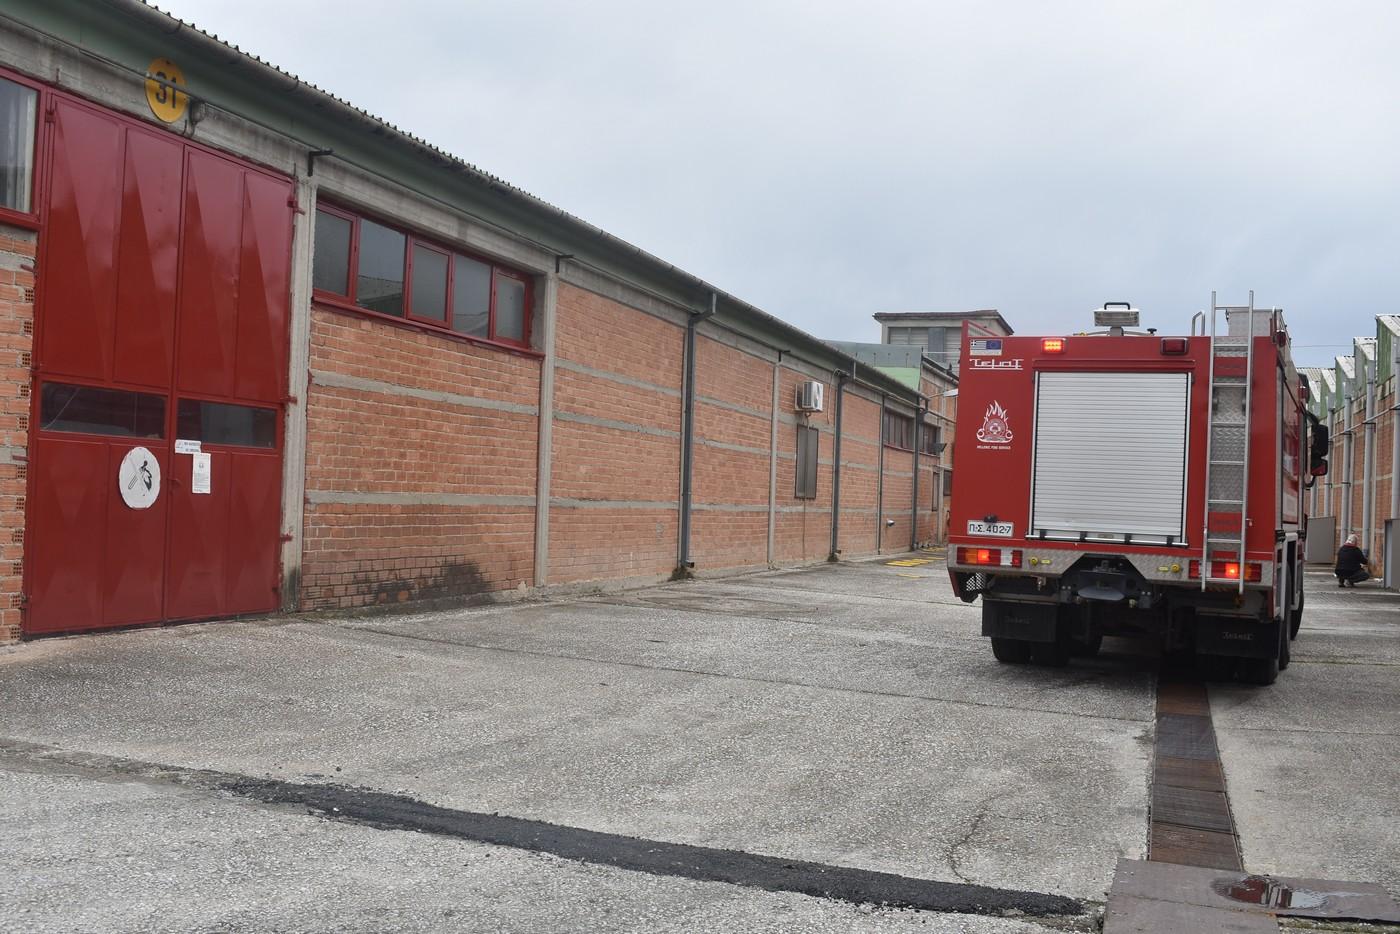 Εντυπωσιακές εικόνες από την άσκηση ετοιμότητας της Πυροσβεστικής στη βιομηχανία ΒΙΟΚΑΡΠΕΤ (φωτο - βίντεο)